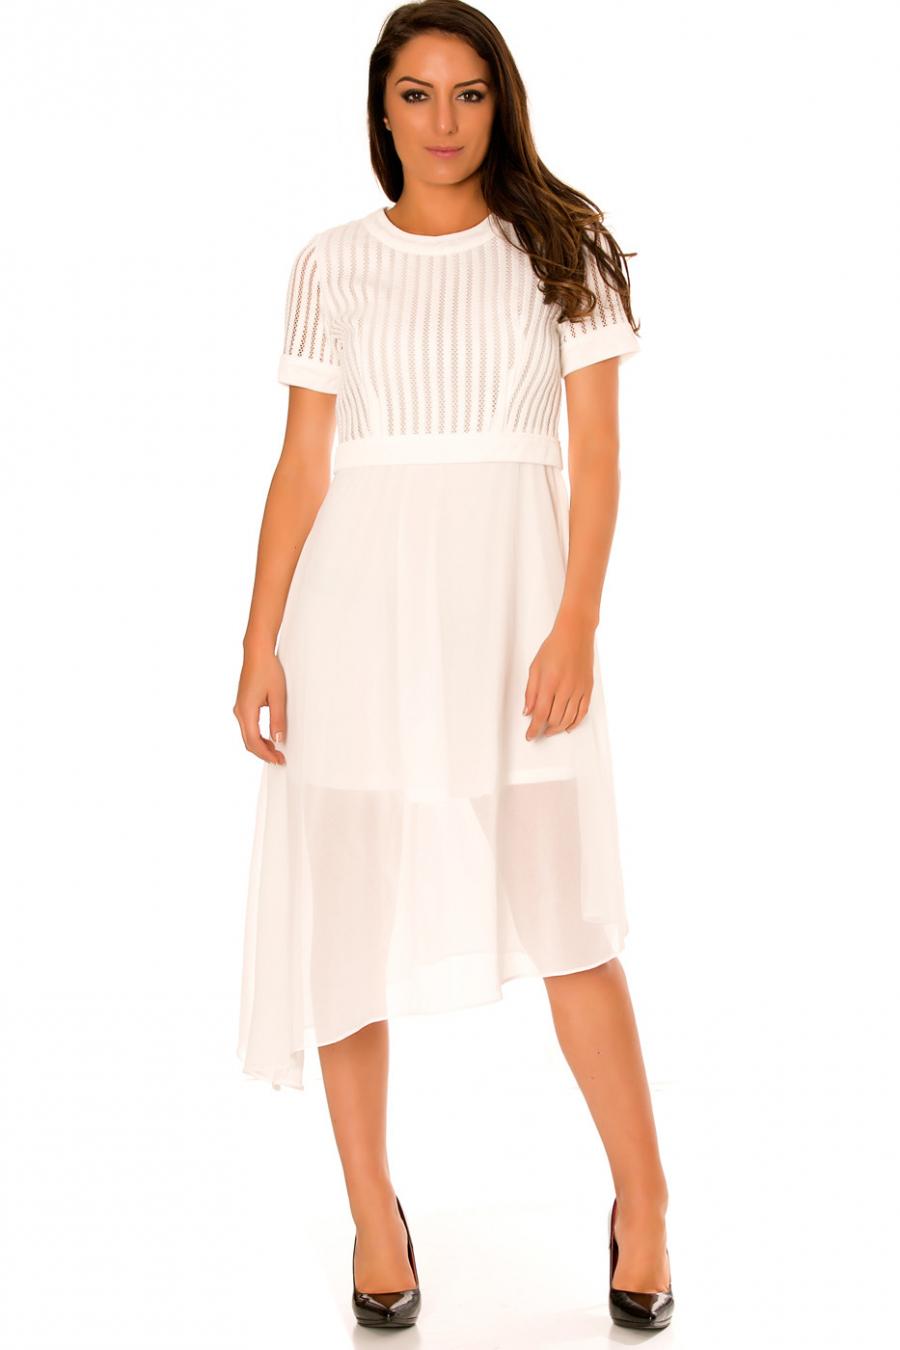 Asymmetrische witte jurk en bi-materiaal. Top met gat en doorschijnende rok. F6281